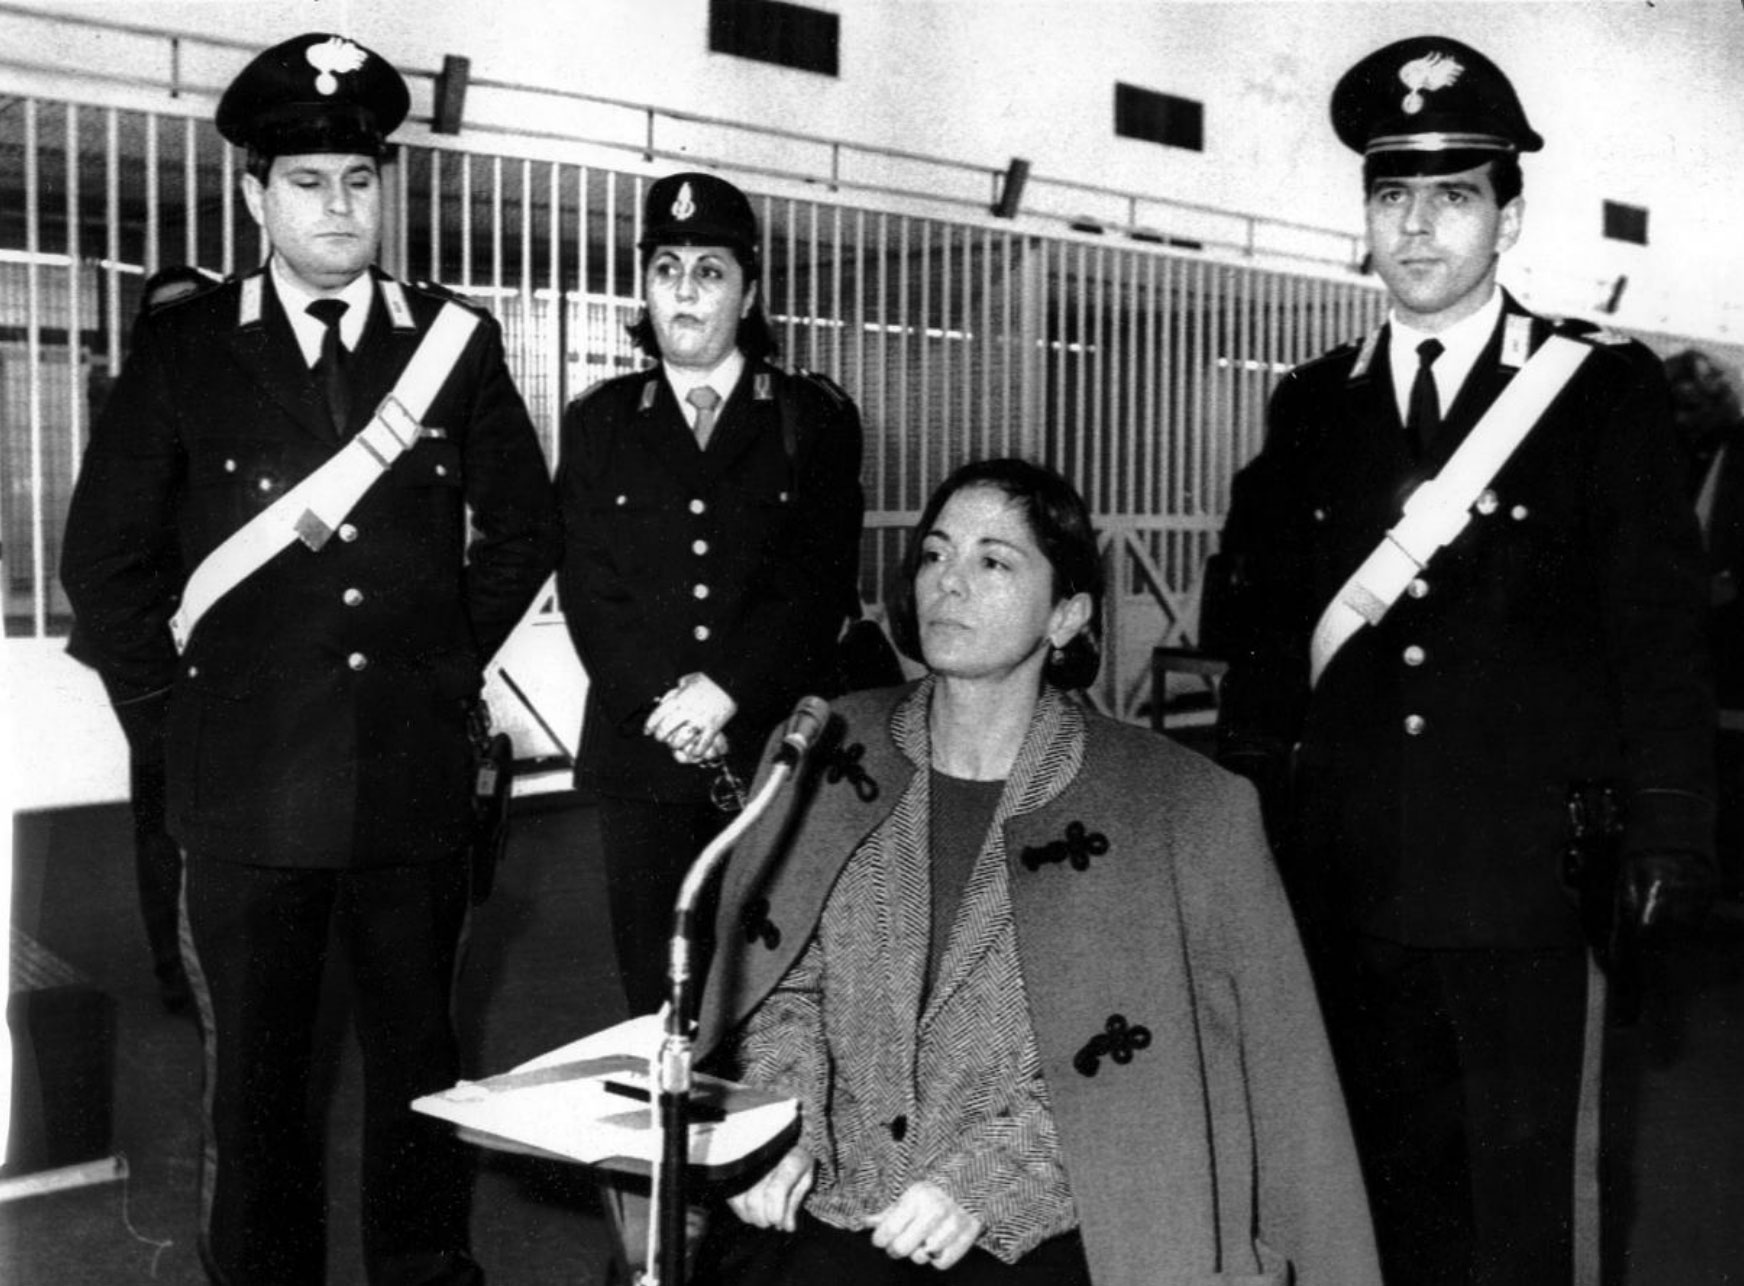 Il caso Moro Quaranti anni fa il rapimento e l uccisione del presidente della DC che ancora fa discutere deliapress Bova Marina RC